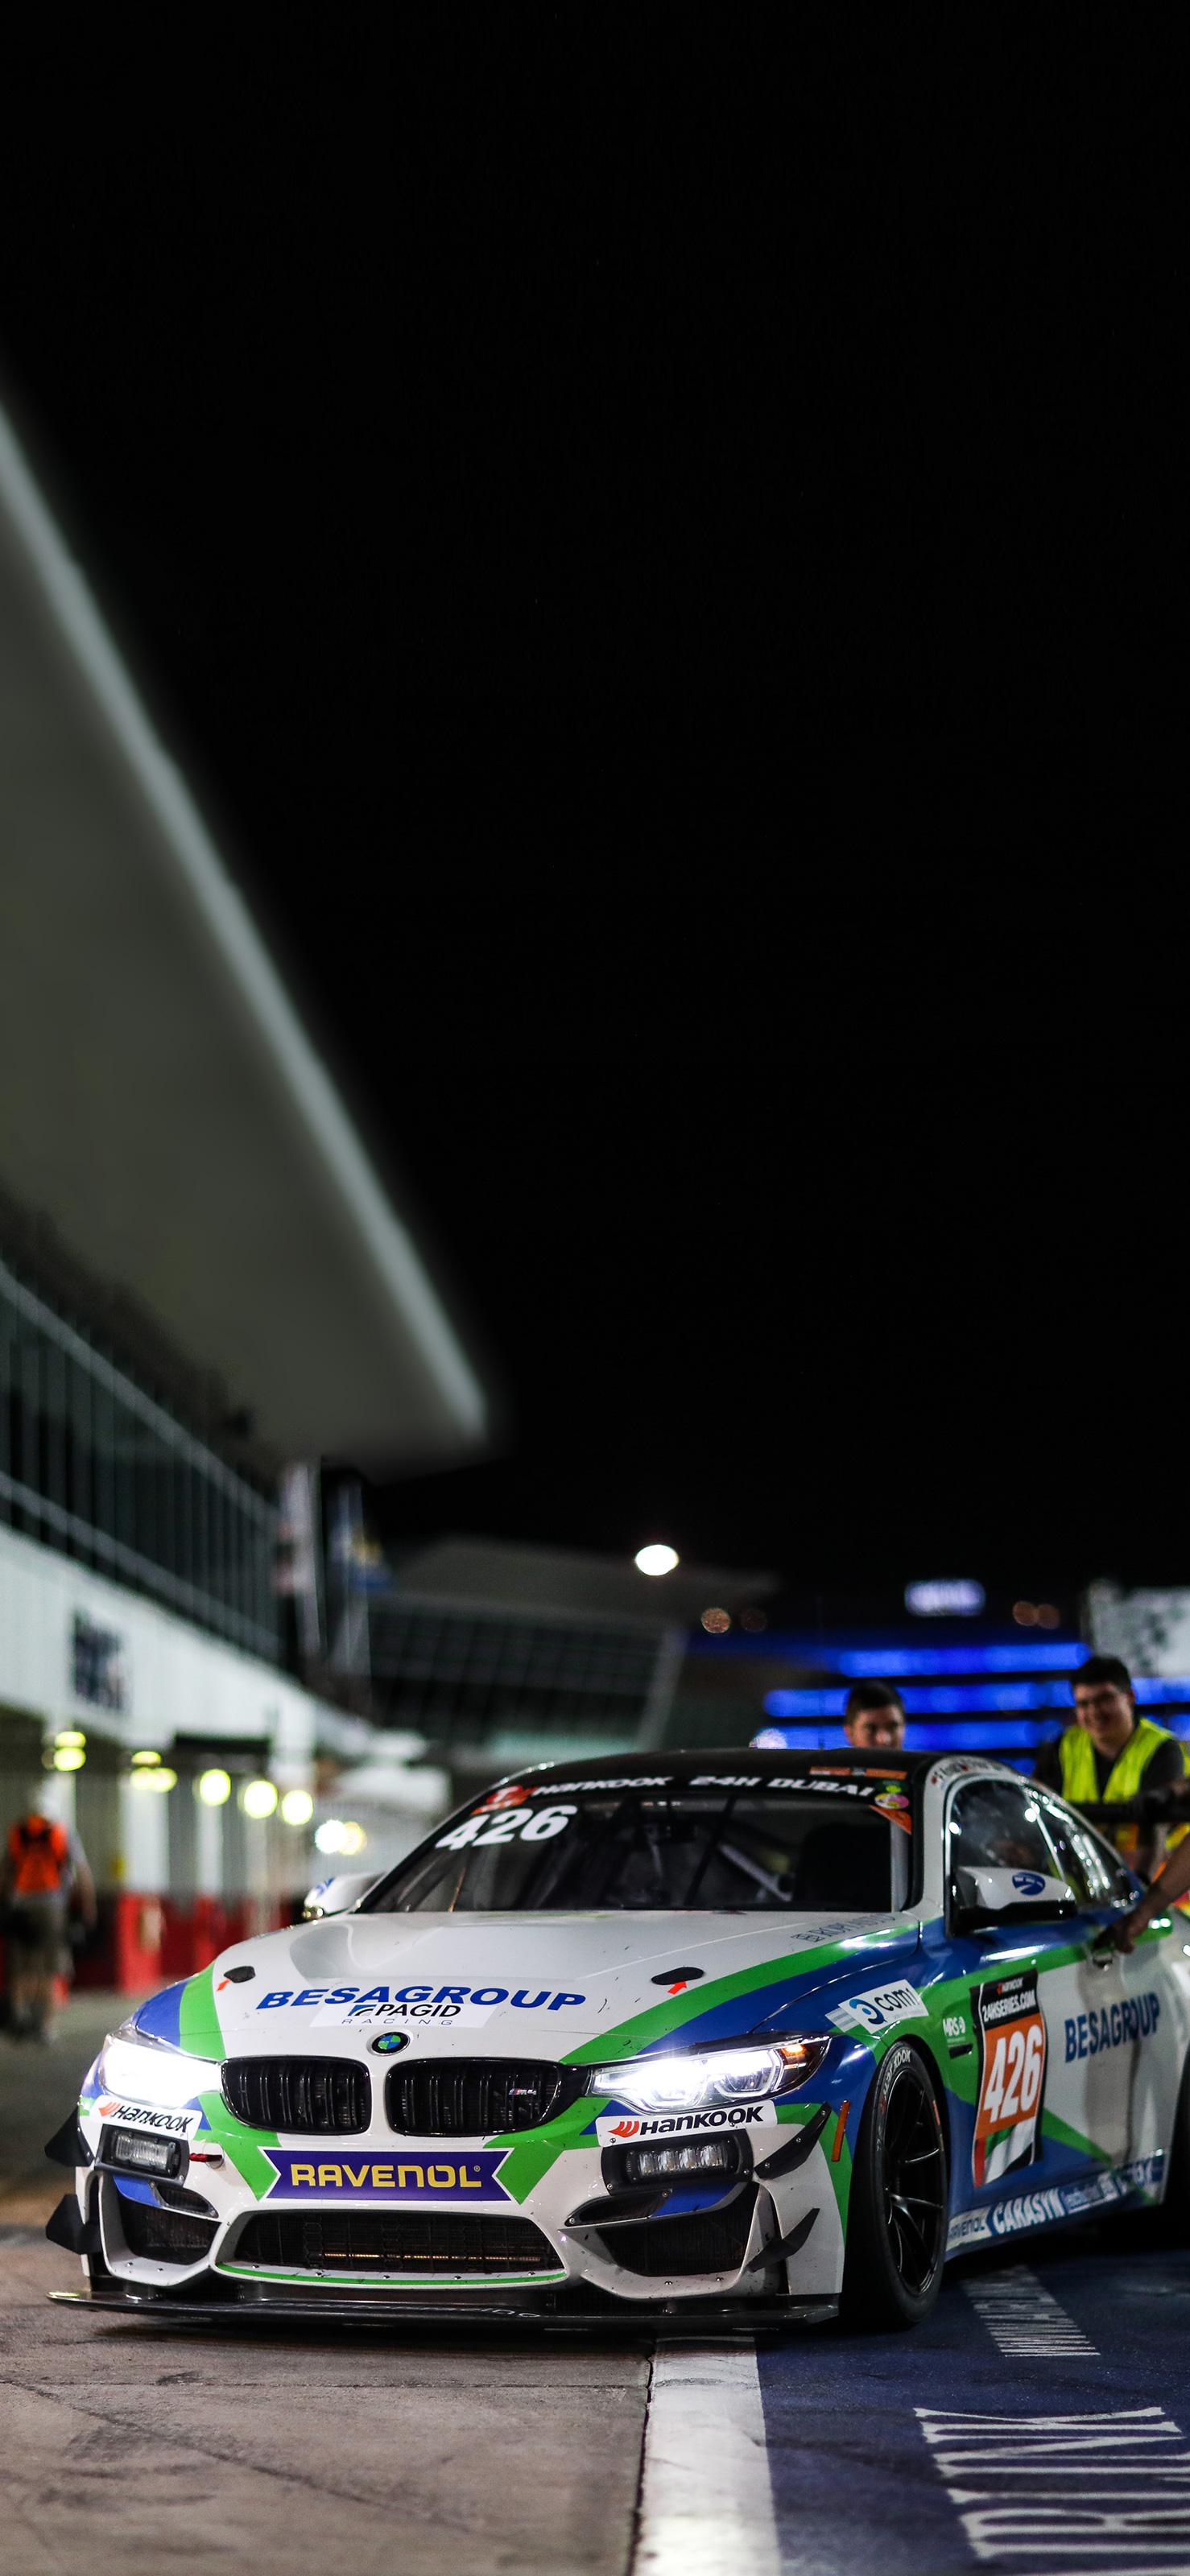 Wallpapers Download Molitor Racing Onlineshop